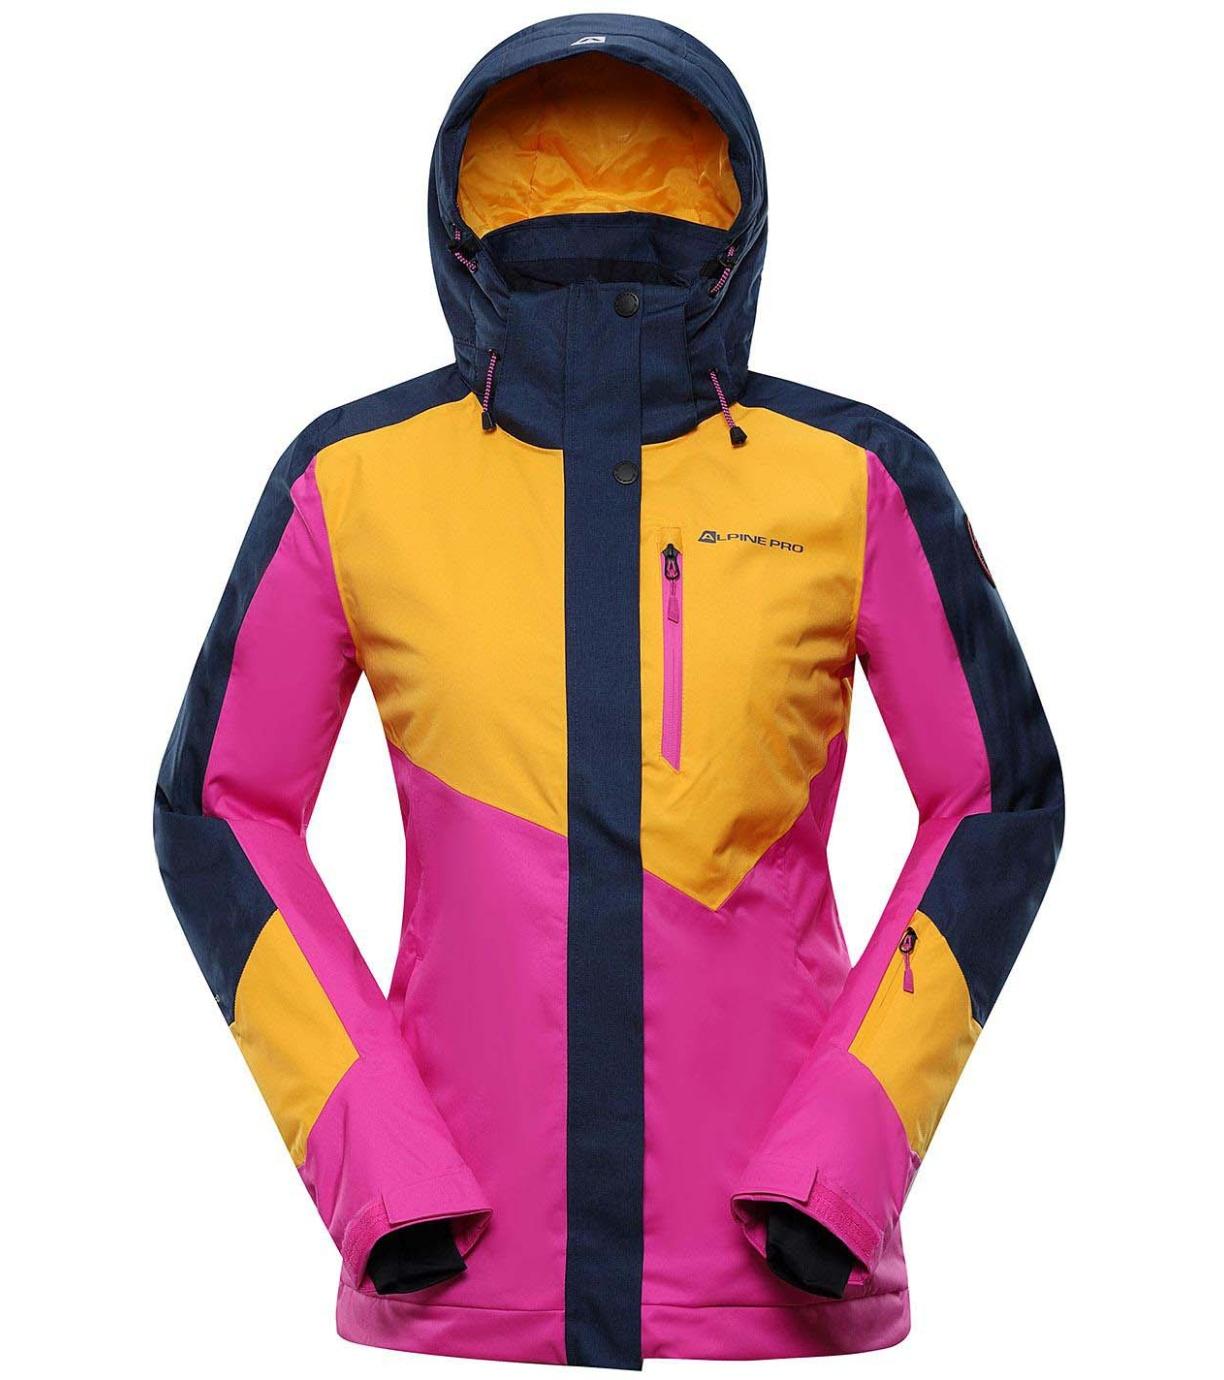 ALPINE PRO SARDARA 4 Dámská lyžařská bunda LJCS425231 radiant yellow S-L